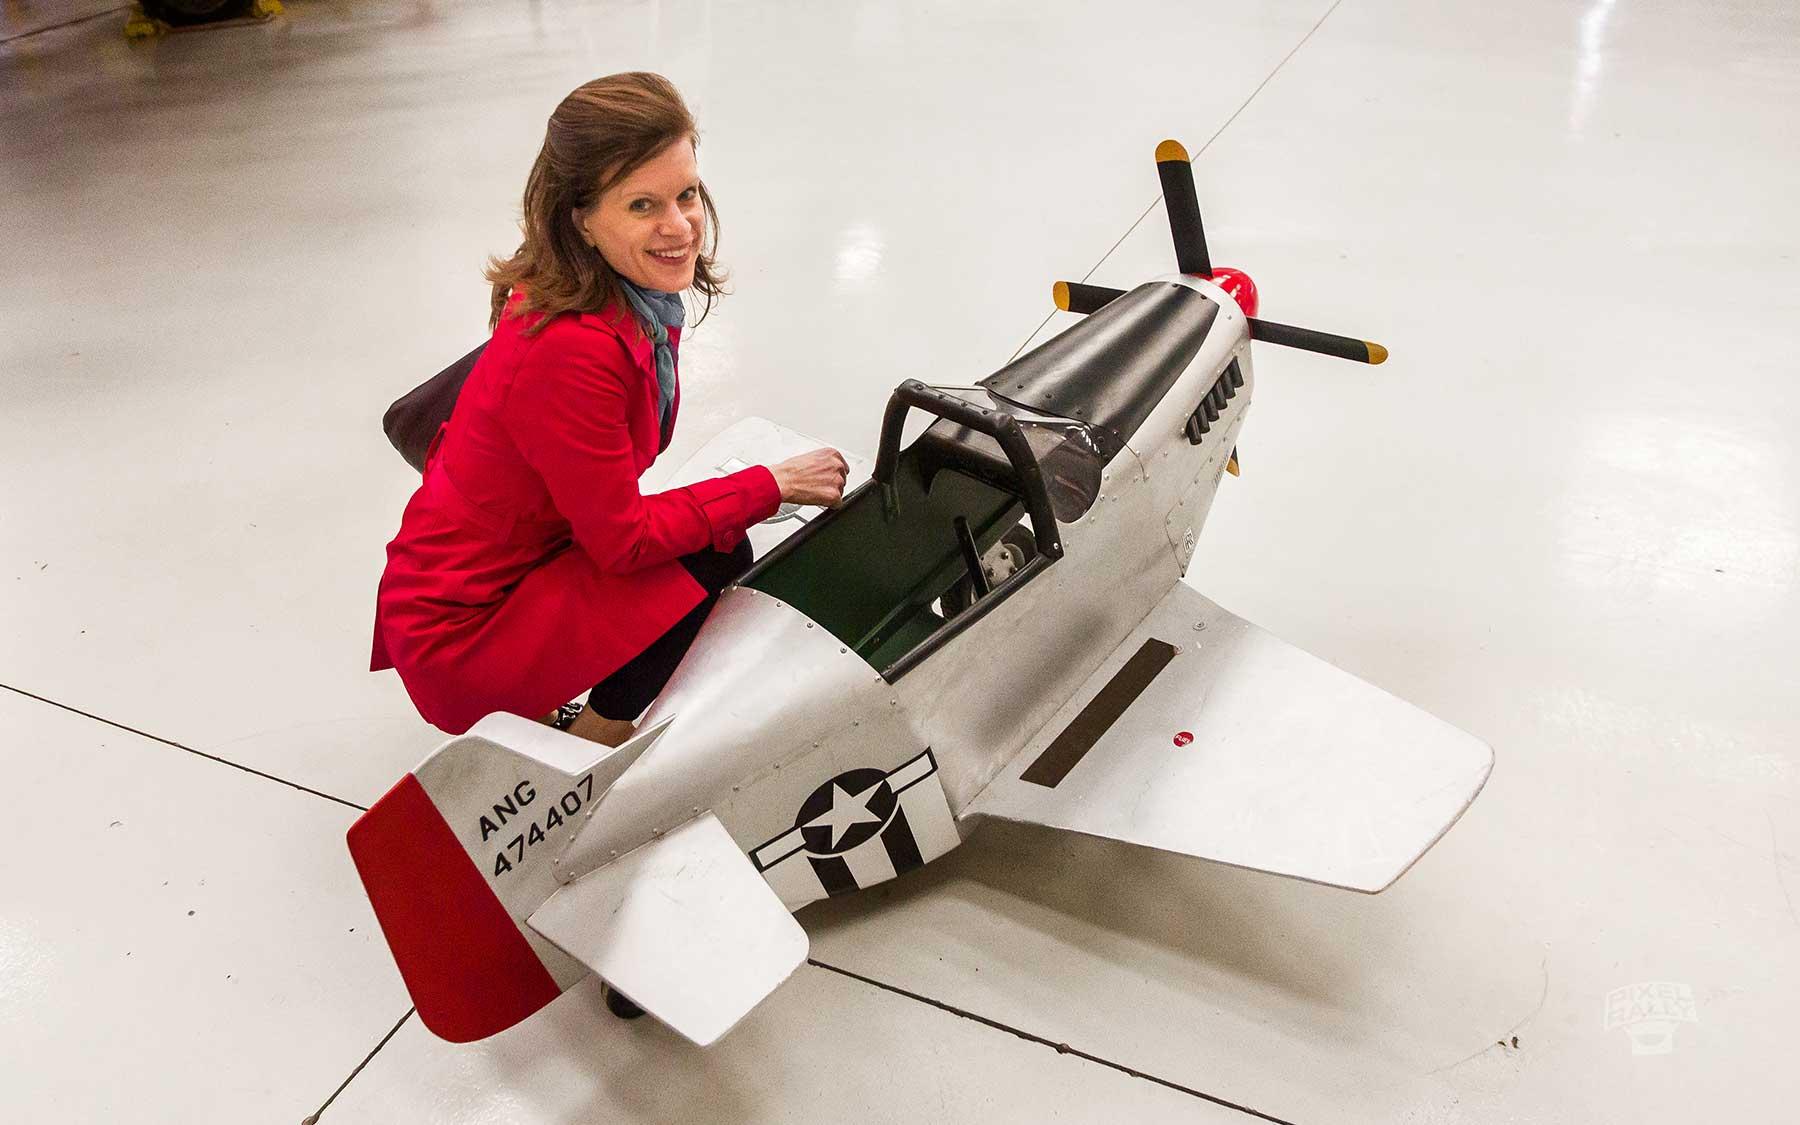 FL-WarbirdsMuseum-jet-toy-pilot